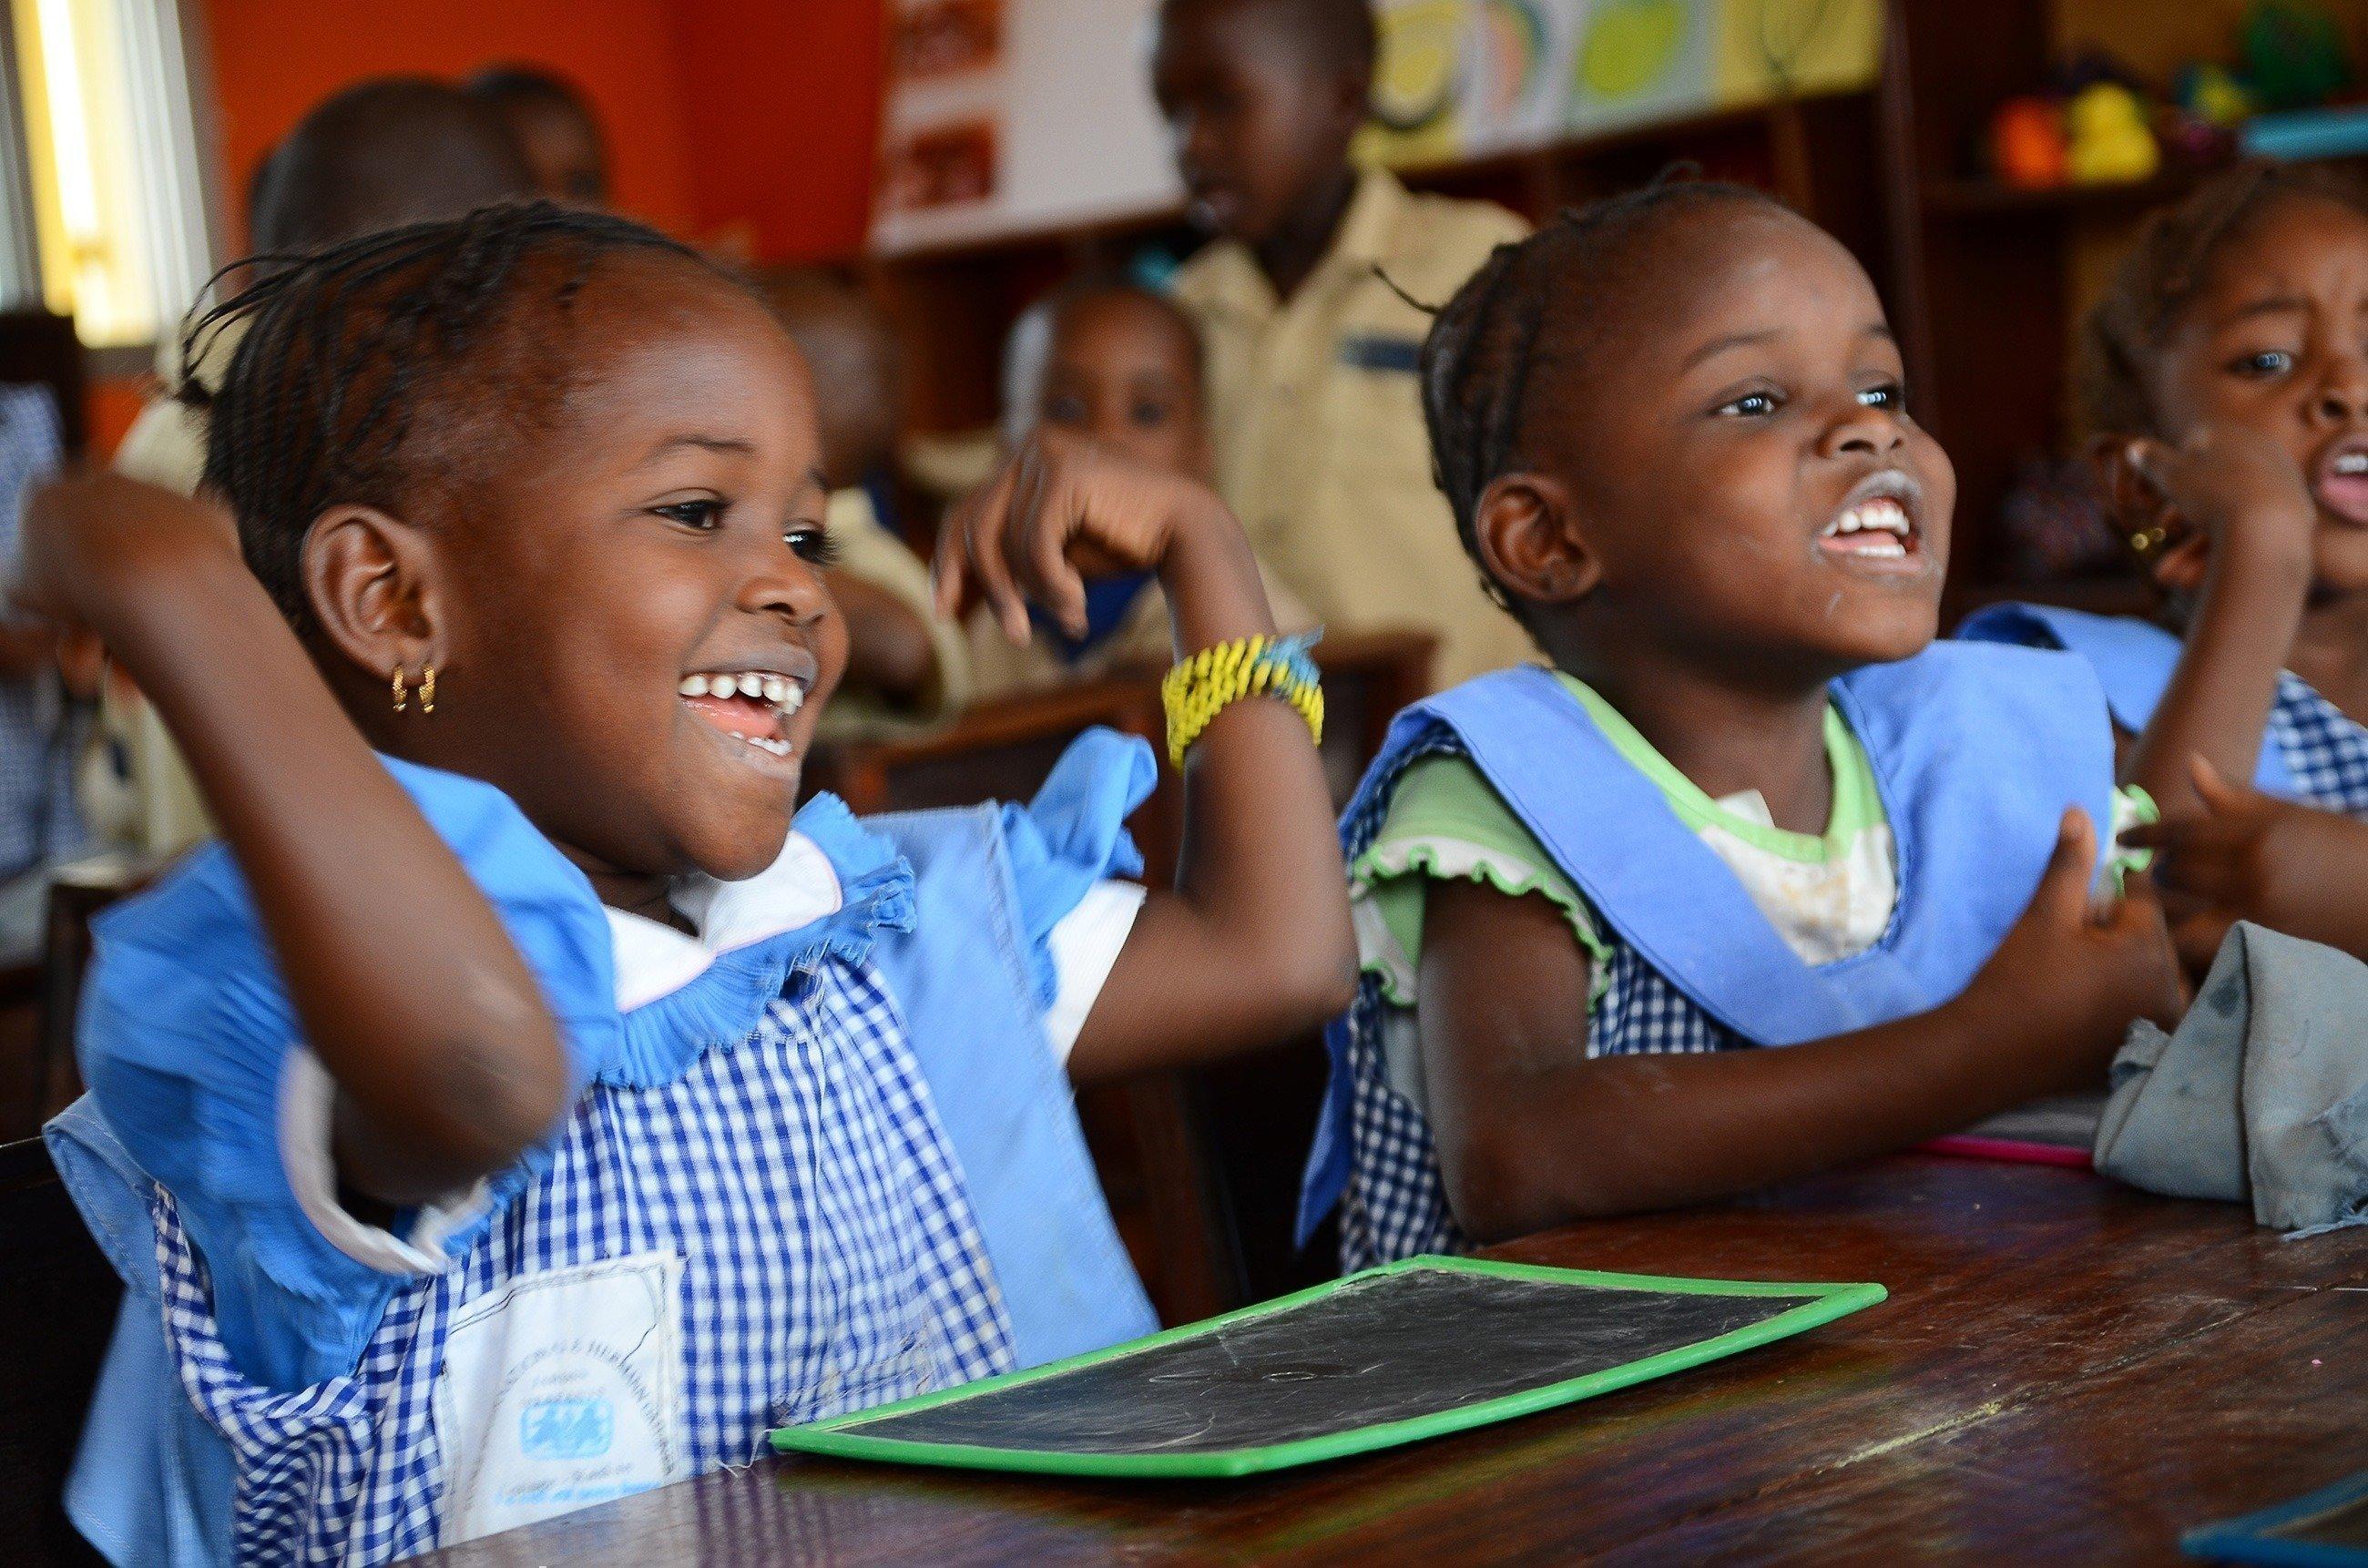 Deux petites filles à l'école qui prennent plaisir à apprendre.